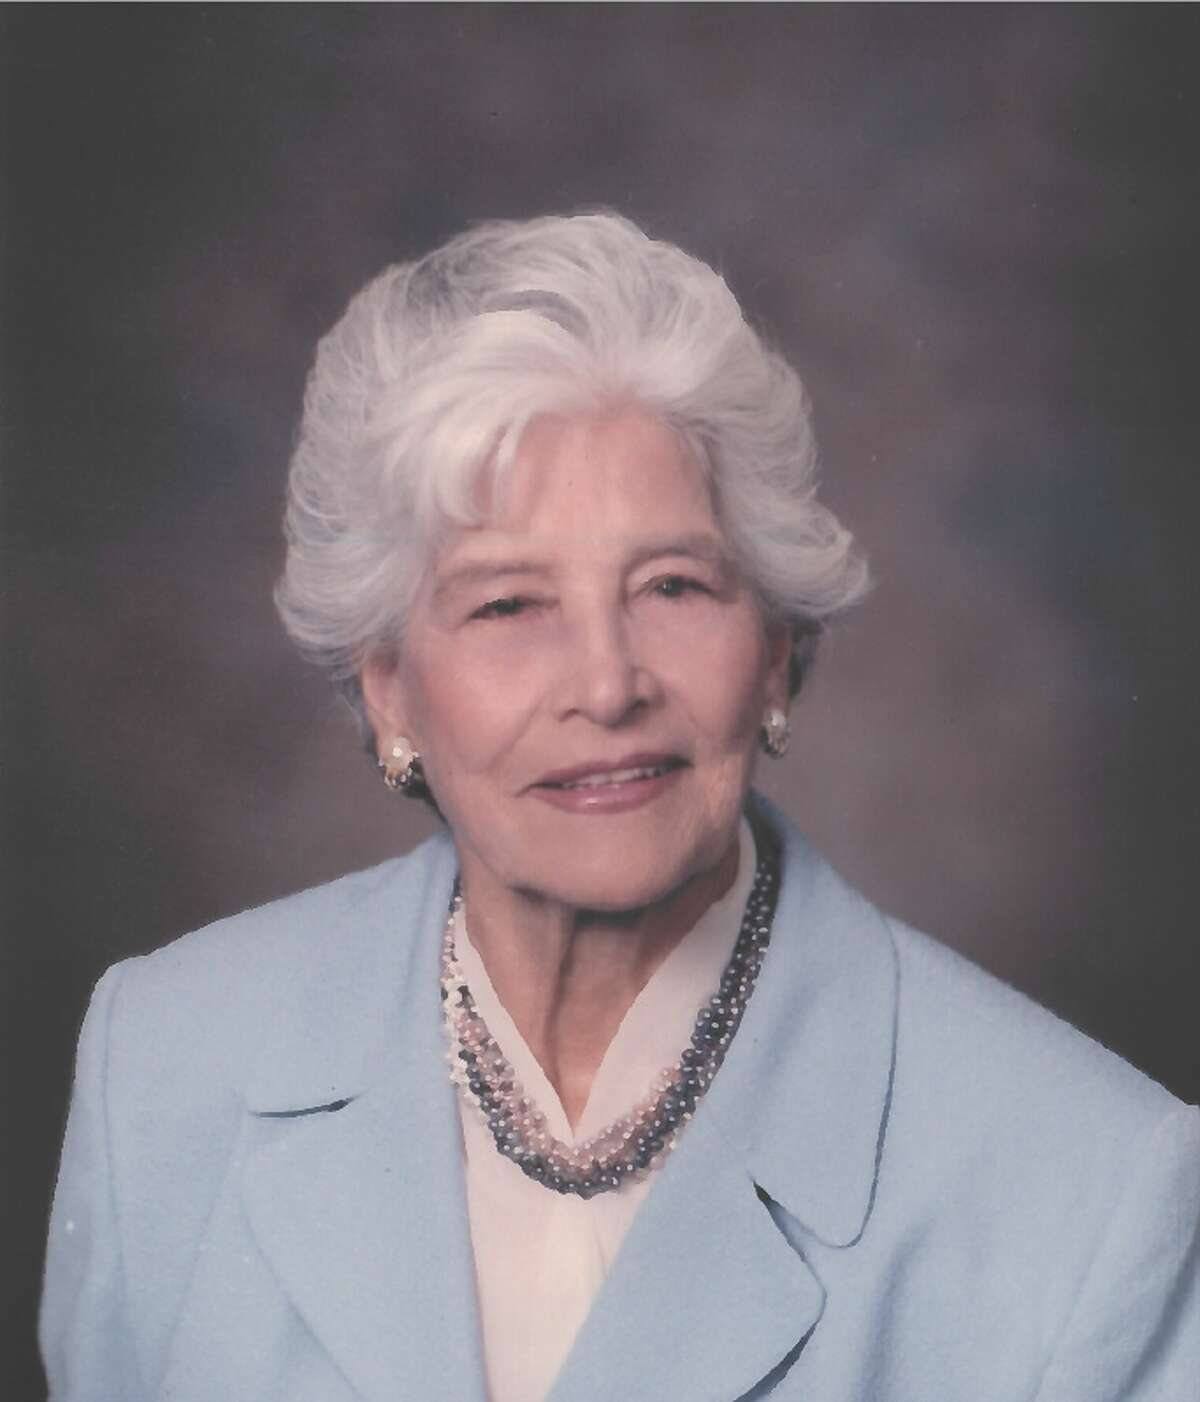 Zenaida Diaz